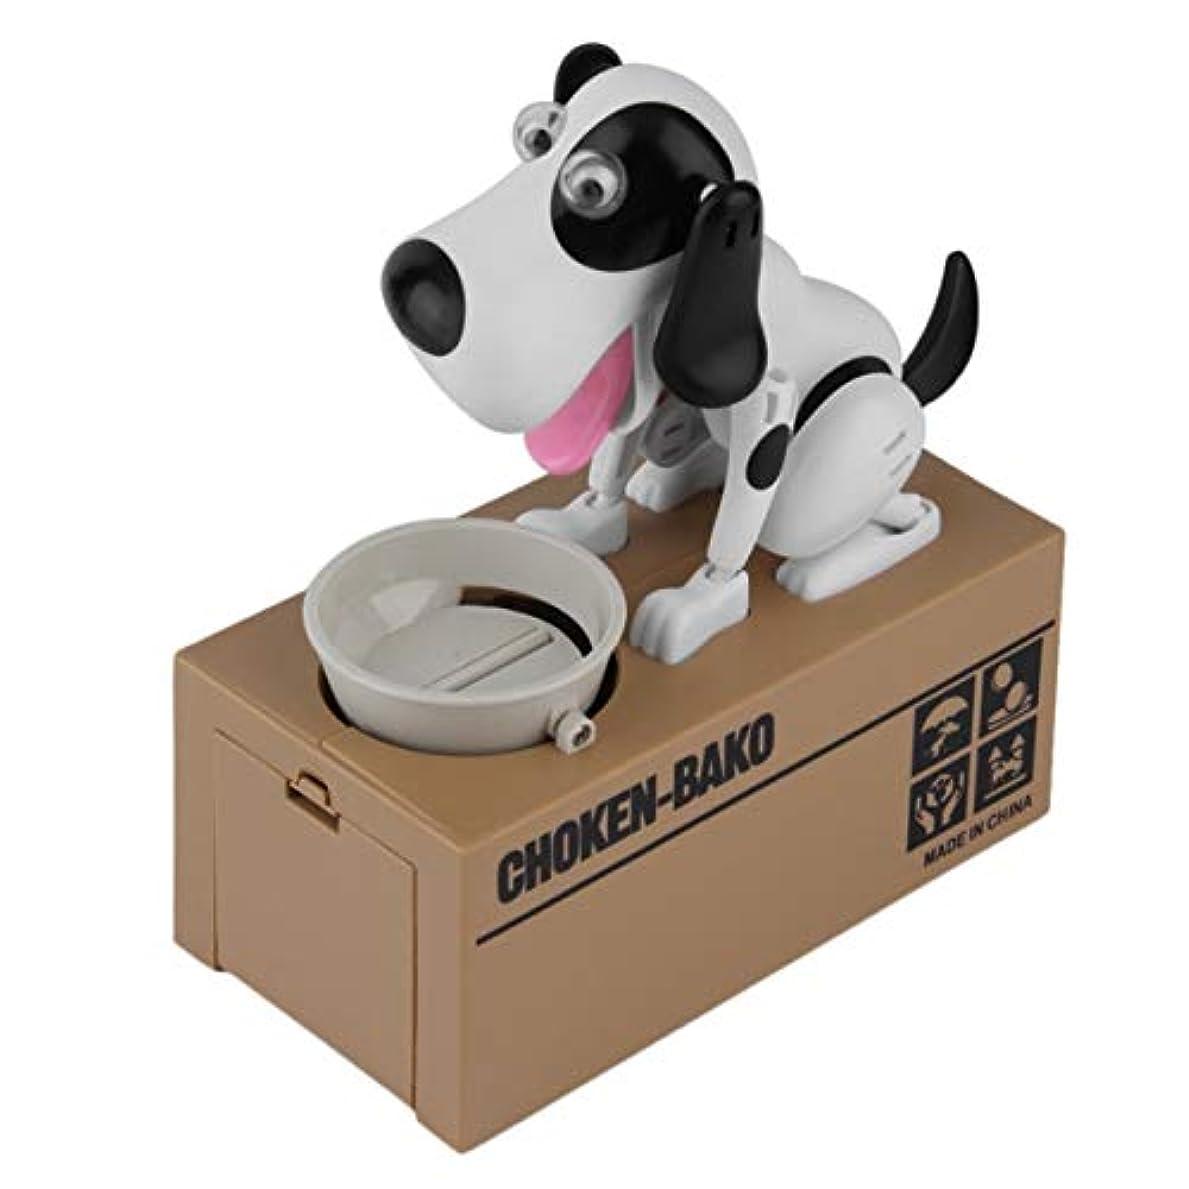 金銭的豆斧Saikogoods 耐久性に優れたロボット犬貯金箱自動コインマネーバンクかわいい犬モデルマネーバンクマネーセービングボックスコインボックスを盗みました 黒+白